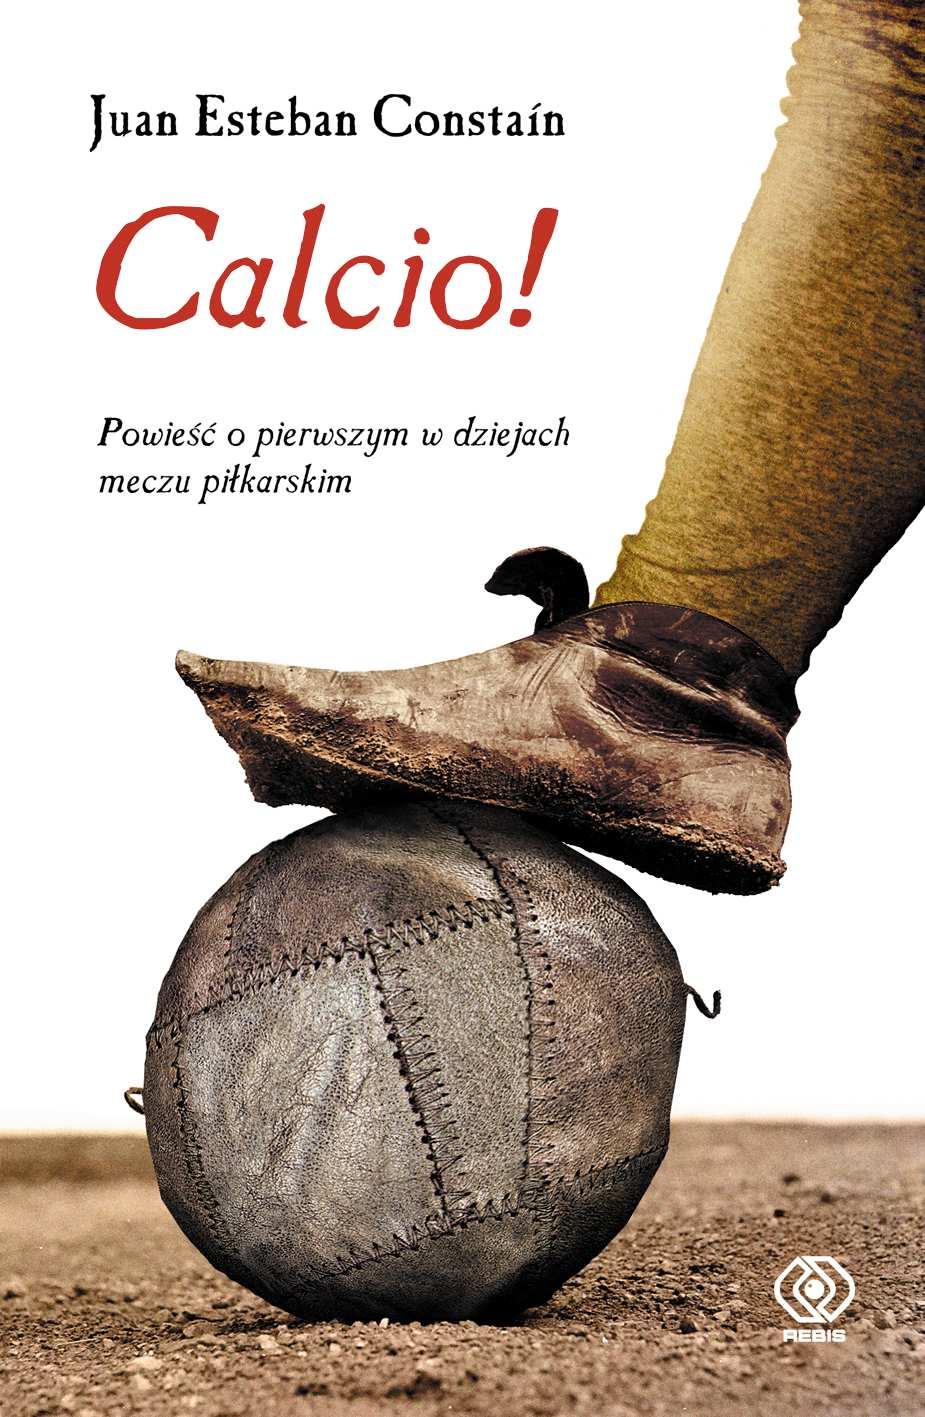 Calcio! - Ebook (Książka EPUB) do pobrania w formacie EPUB